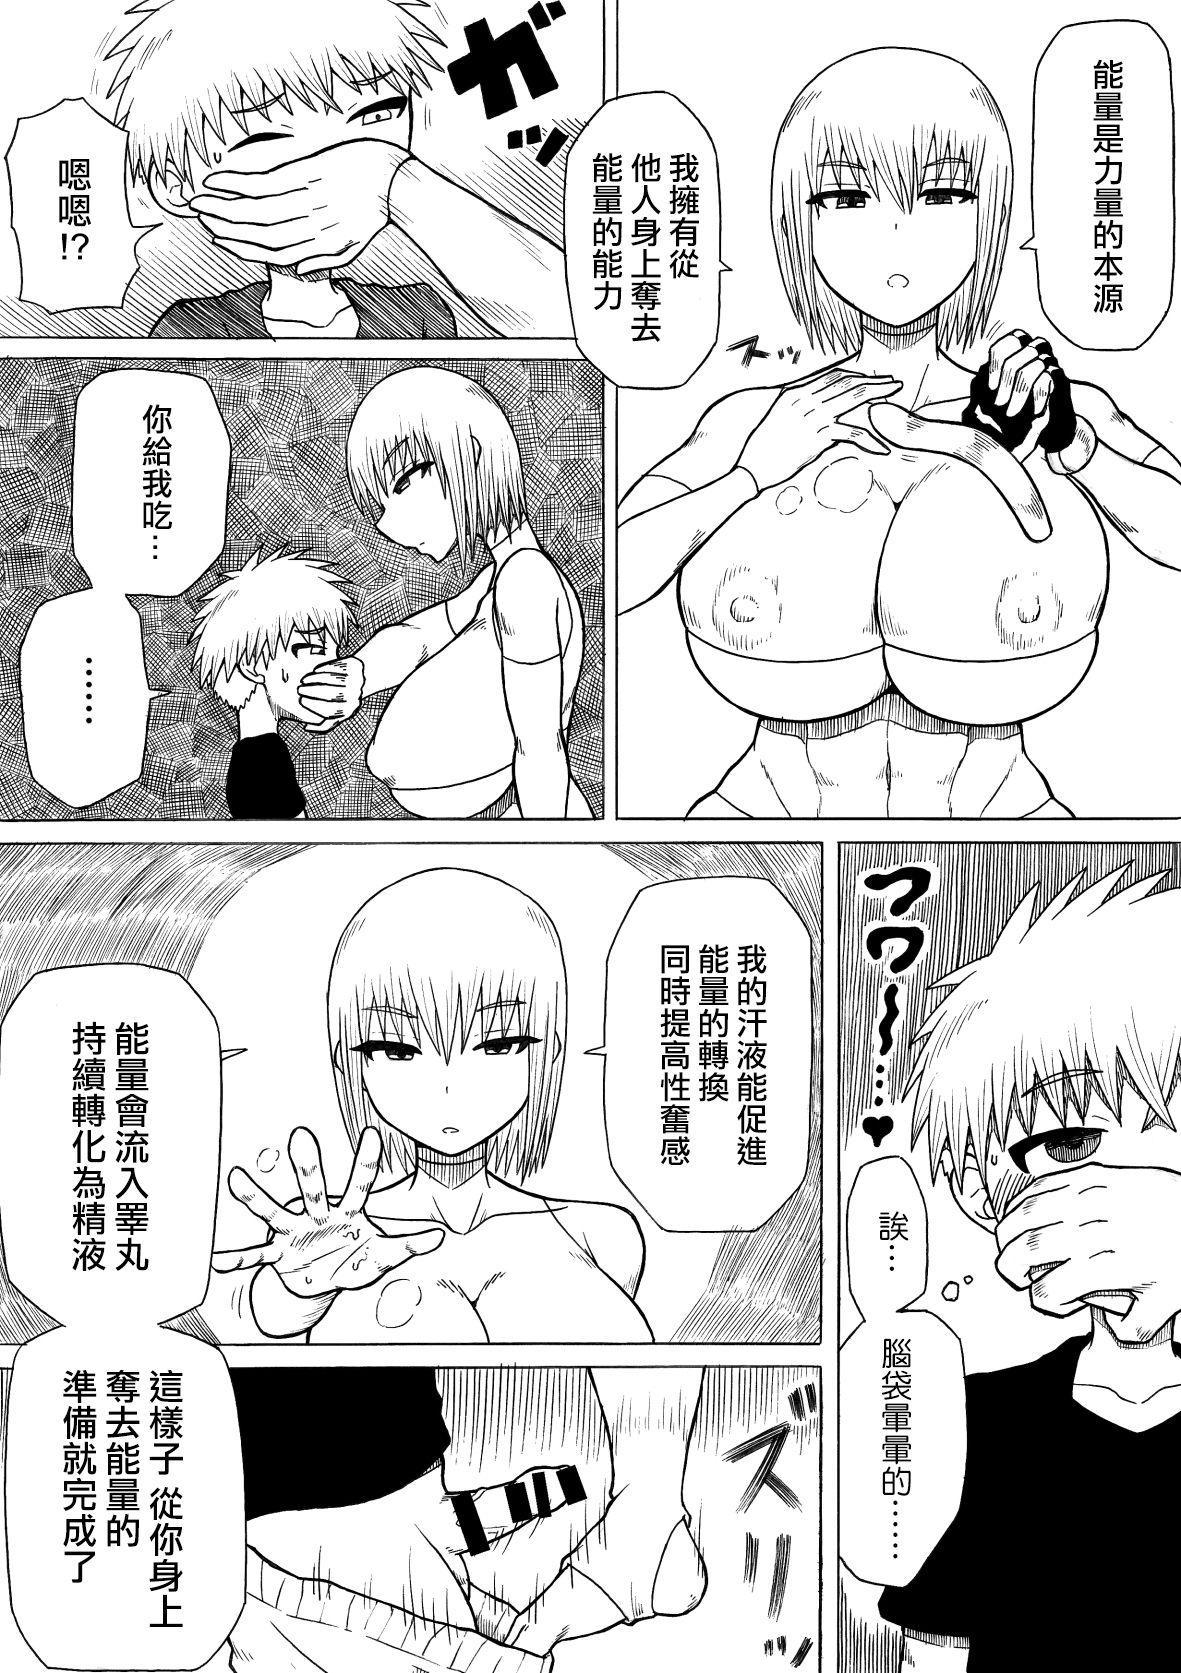 [Saga no Tame no Saga (Ratoo)] Hero haiboku ~ hajimari to owari ~ | 英雄敗北 ~起始與完結~ [Chinese] [沒有漢化] 22